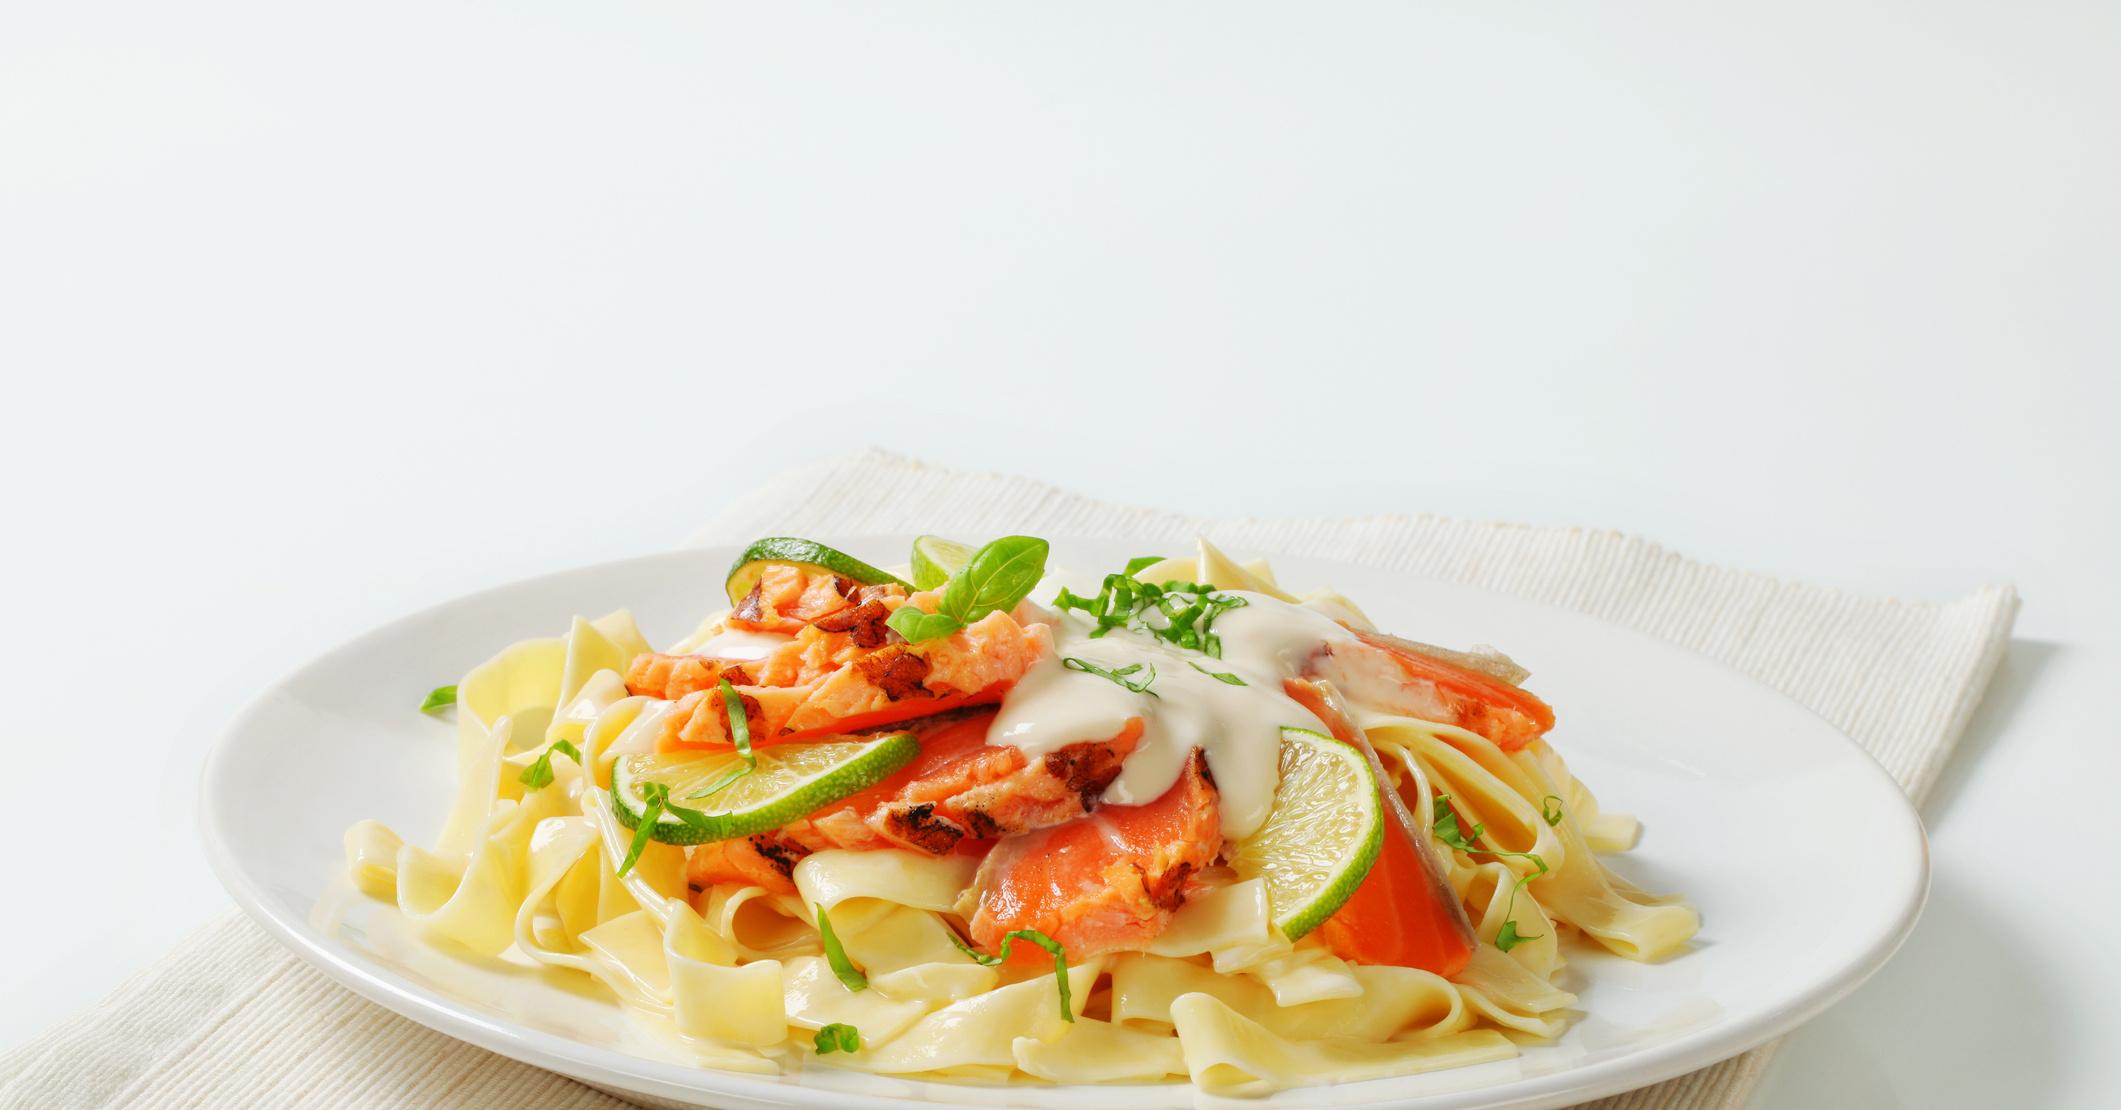 Спагетти с лососем в сливочном соусе рецепт пошагово в